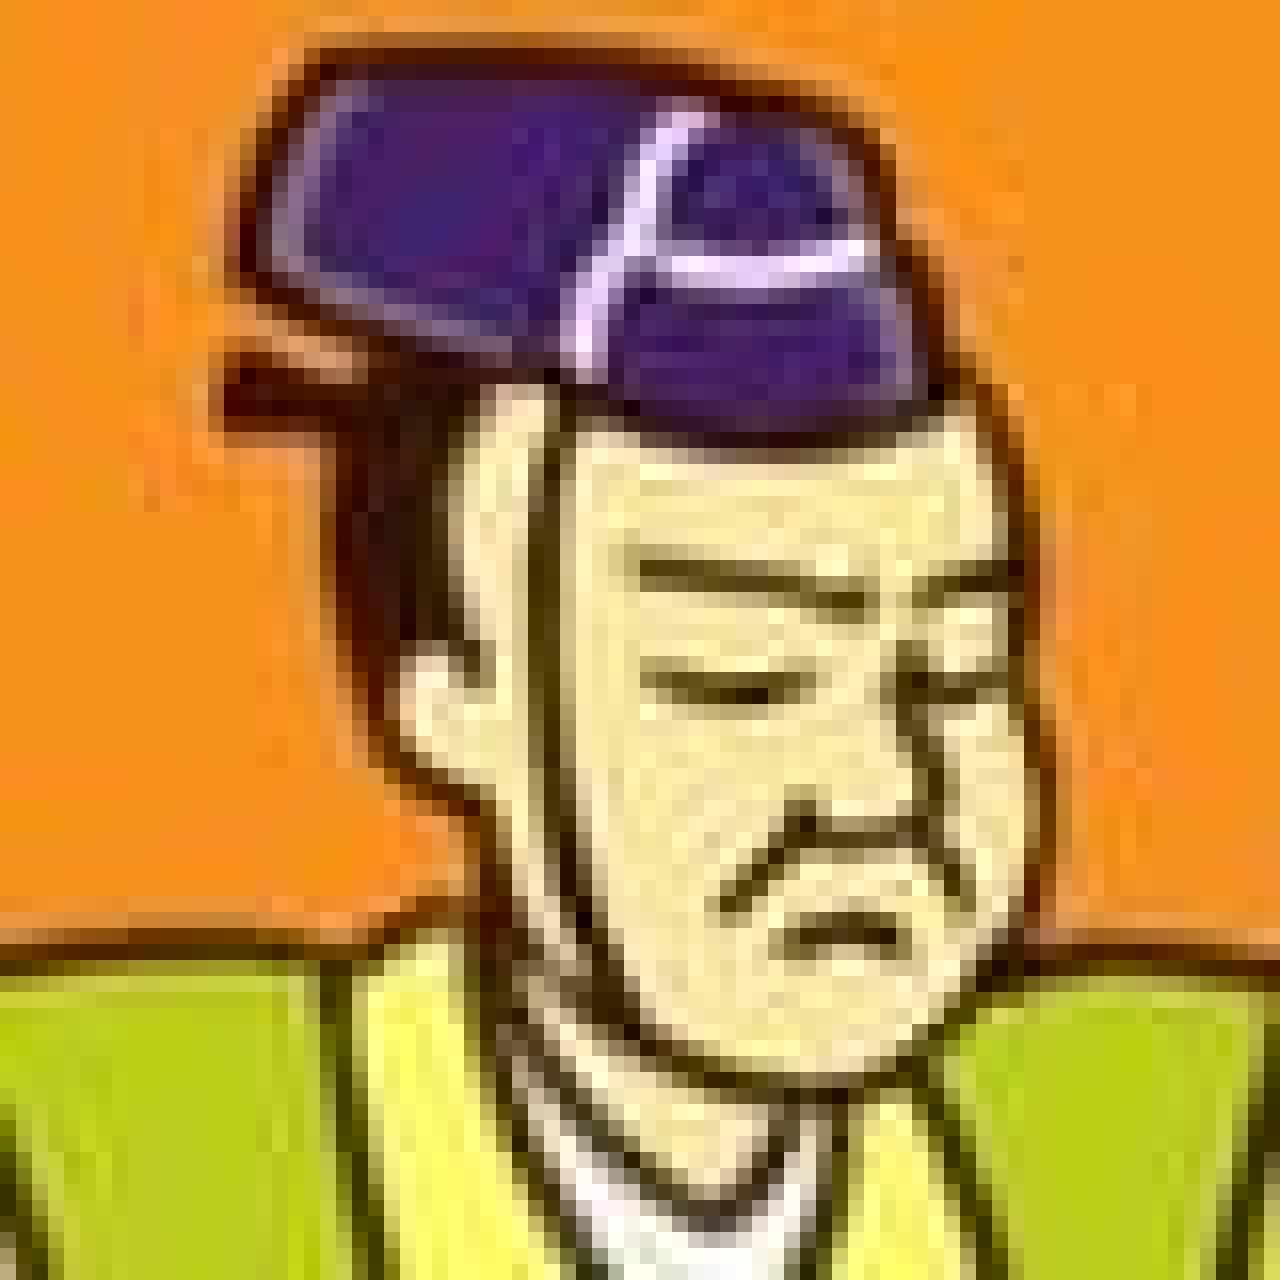 外交官・林復斎(ふくさい)